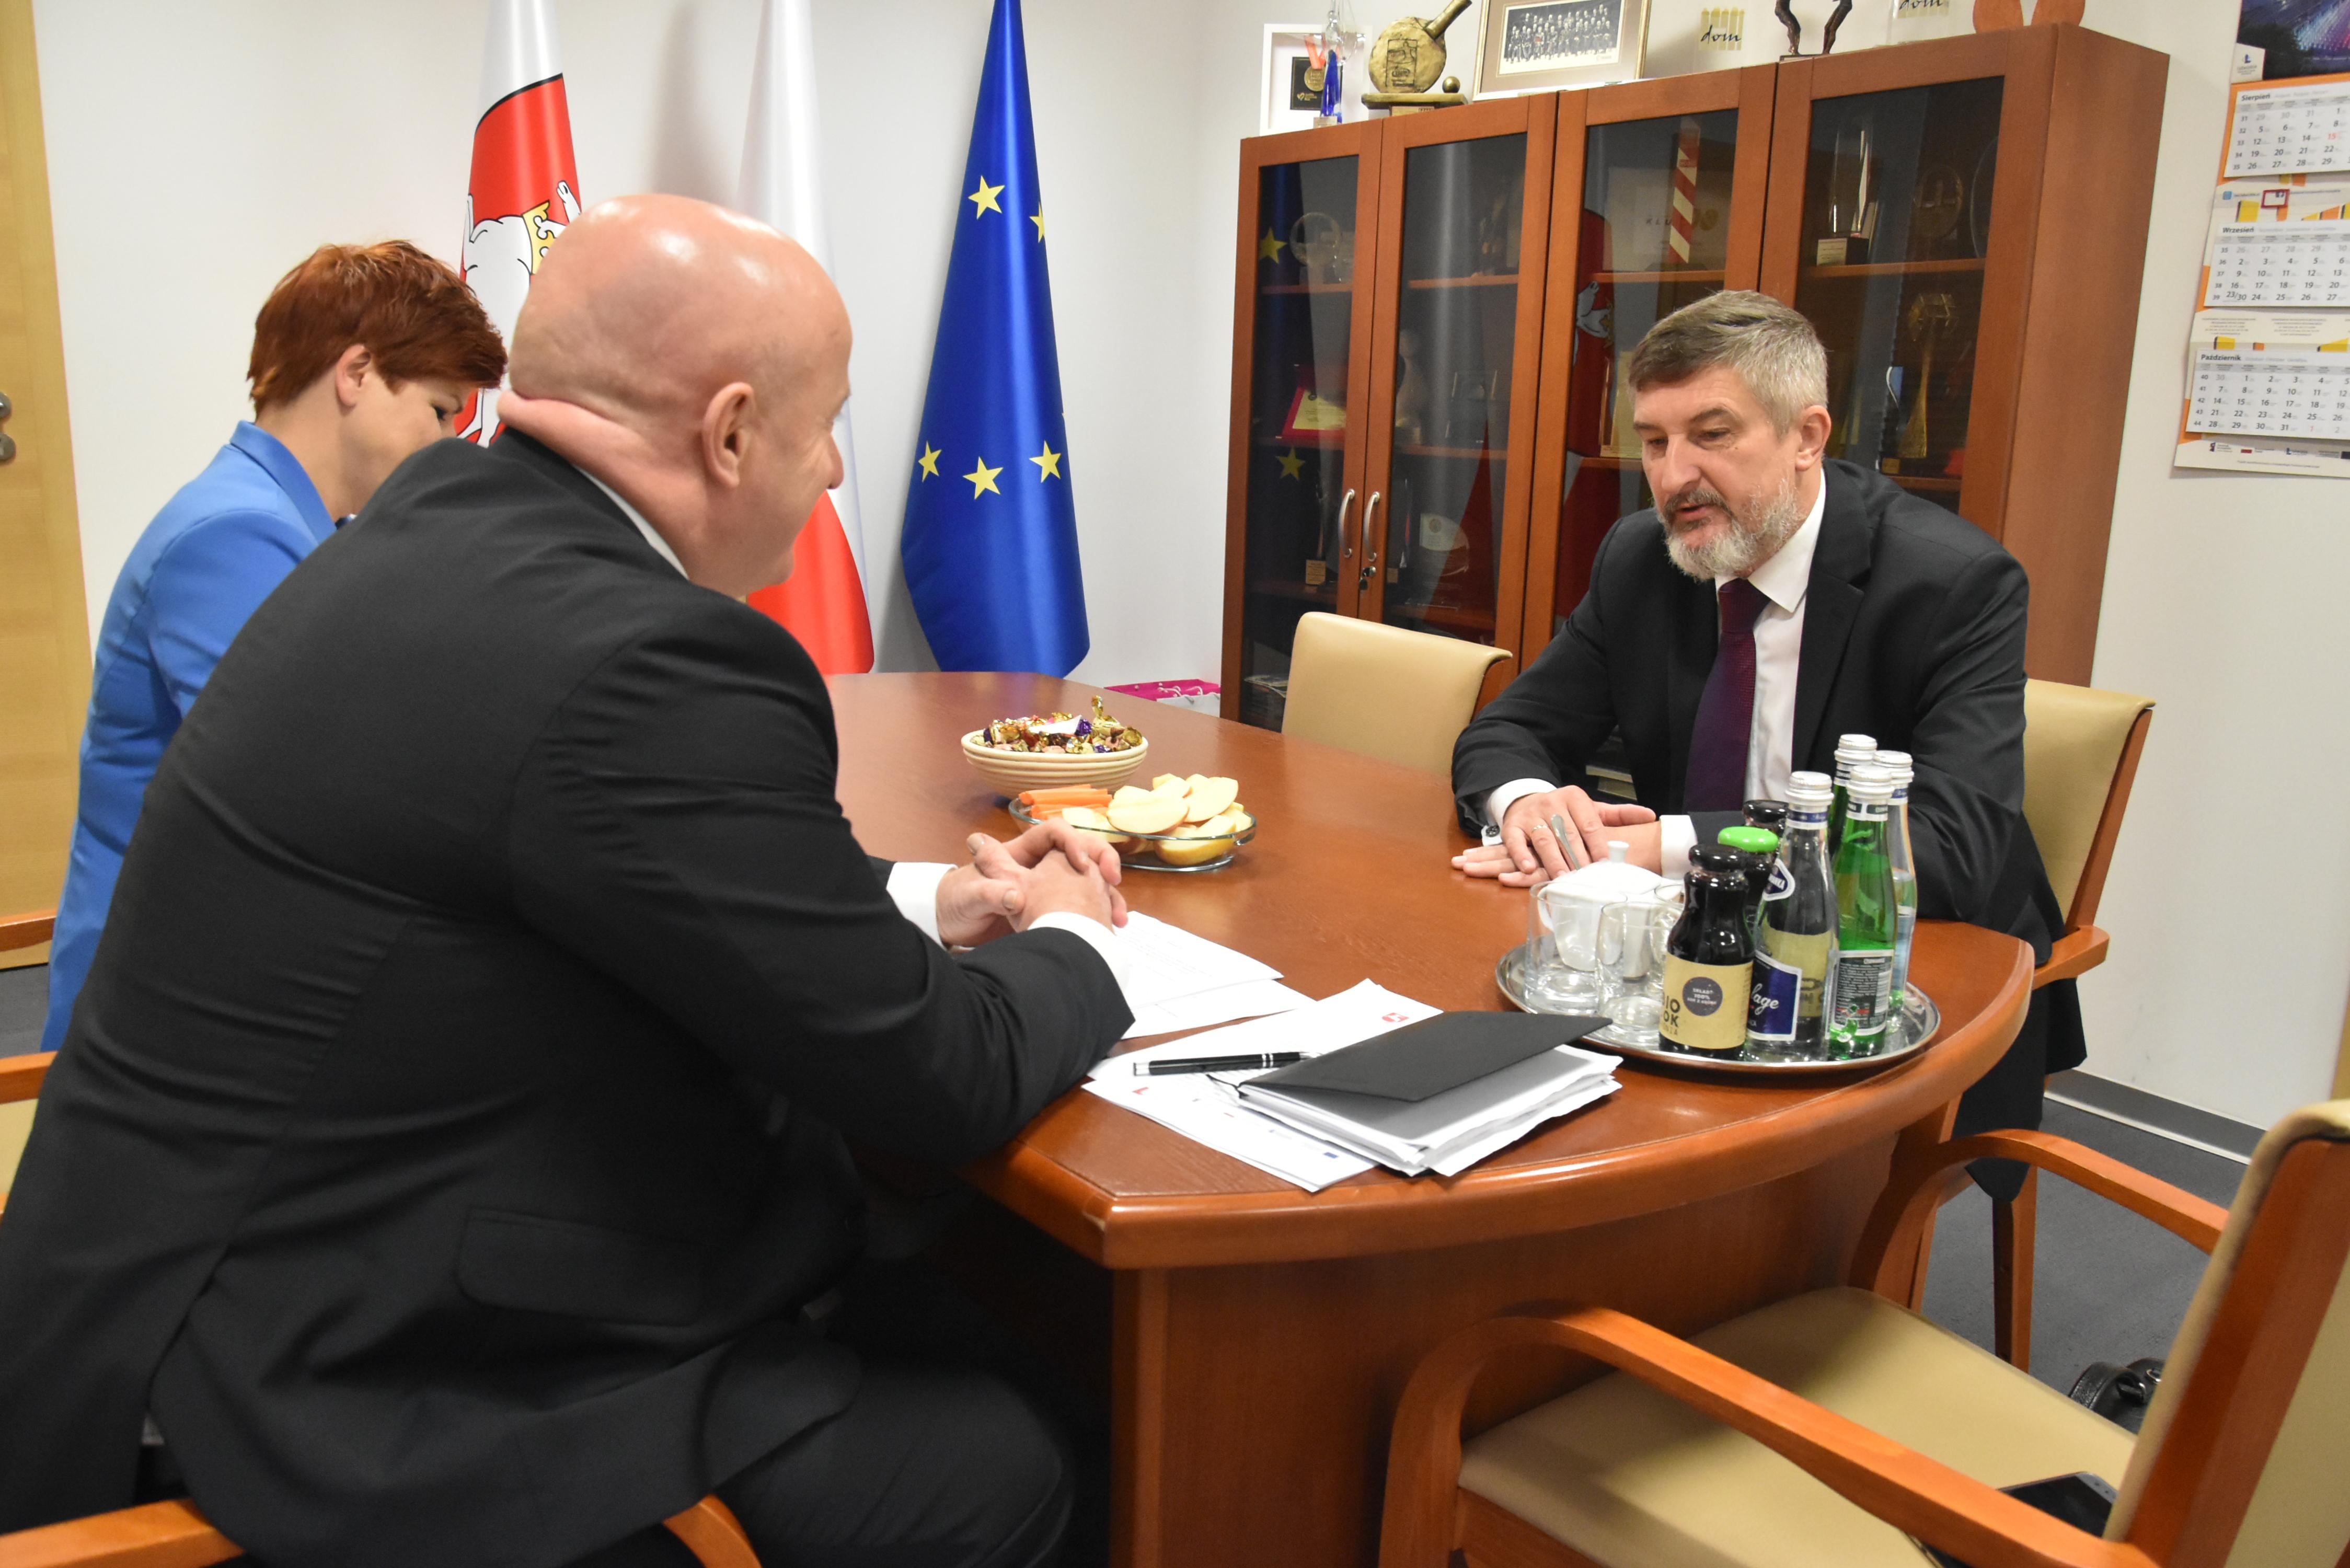 Marszałek Jarosław Stawiarski spotkał się z Ambasadorem RP w Mińsku, Arturem Michalskim